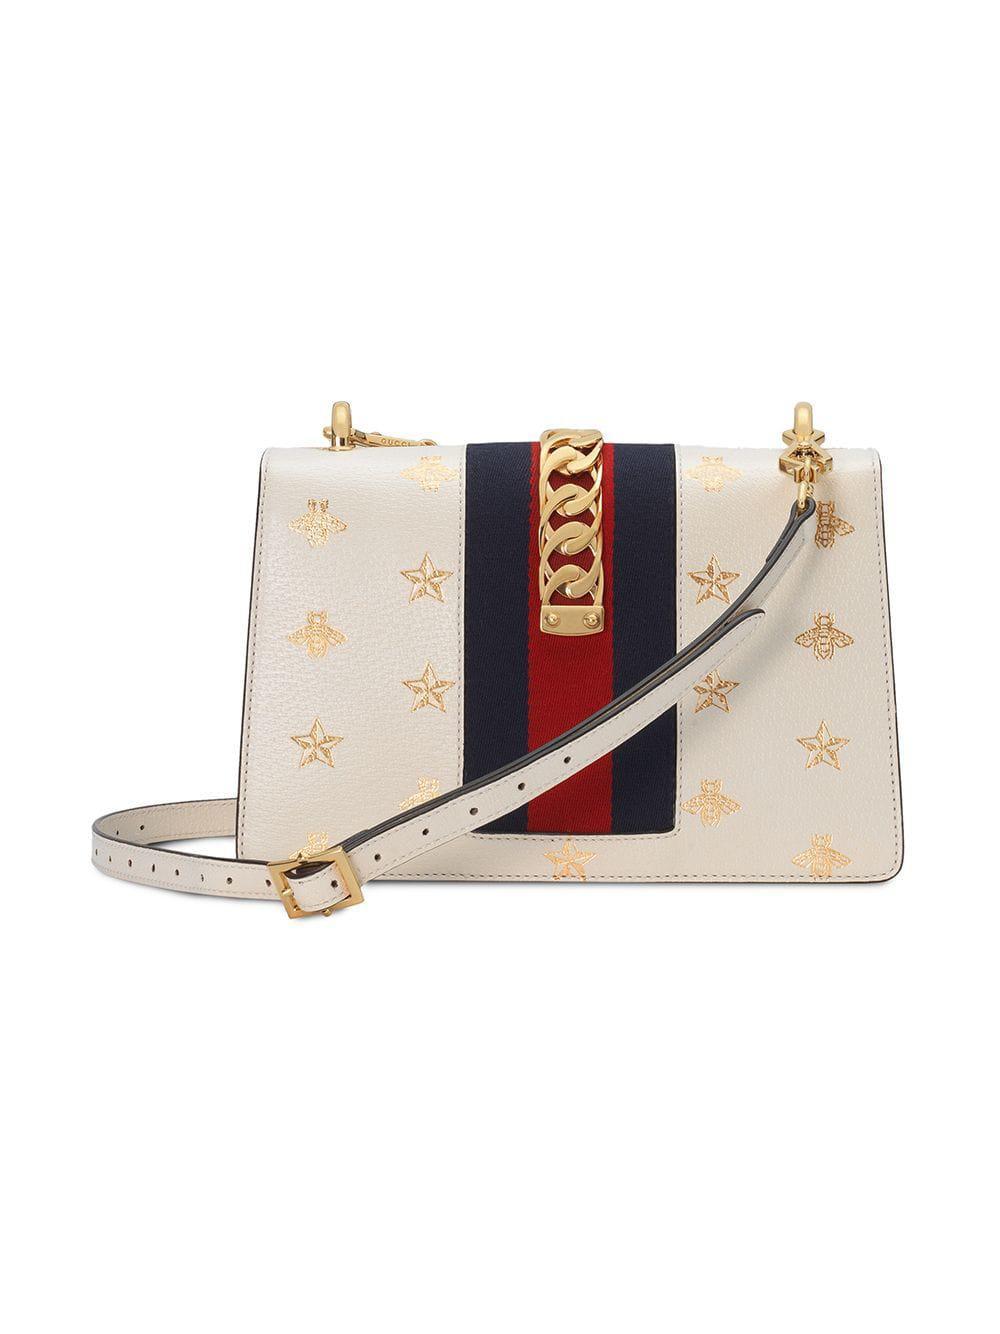 96e191b7c92 Lyst - Sac à épaule Sylvie petite taille à motif abeilles et étoiles Gucci  en coloris Blanc